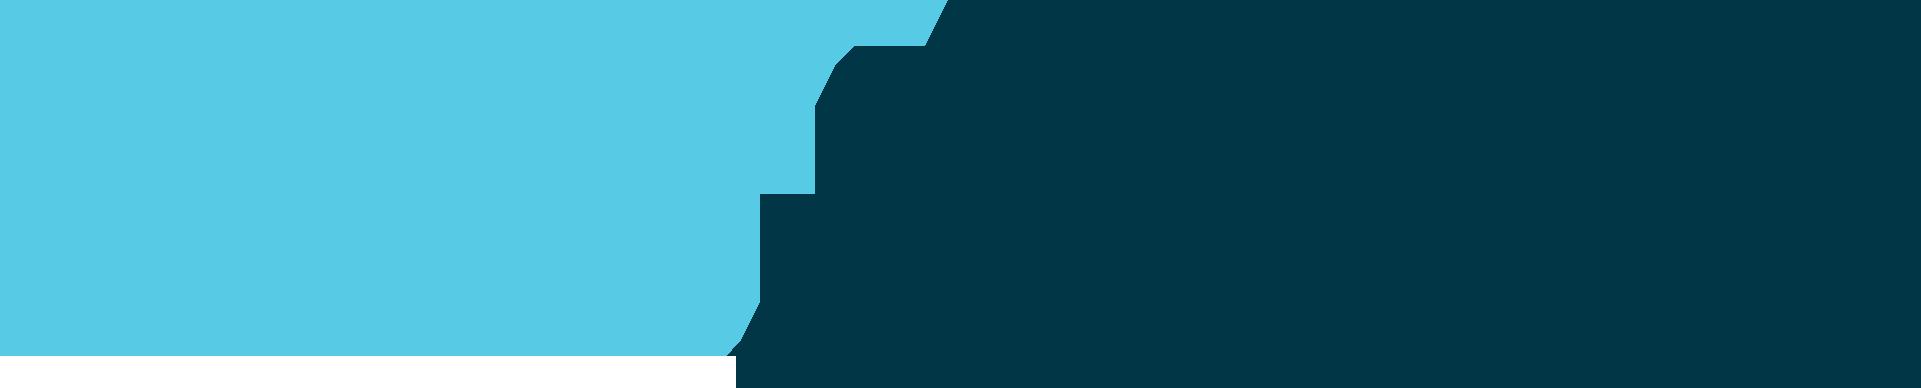 Agencia de Marketing Digital en Monterrey